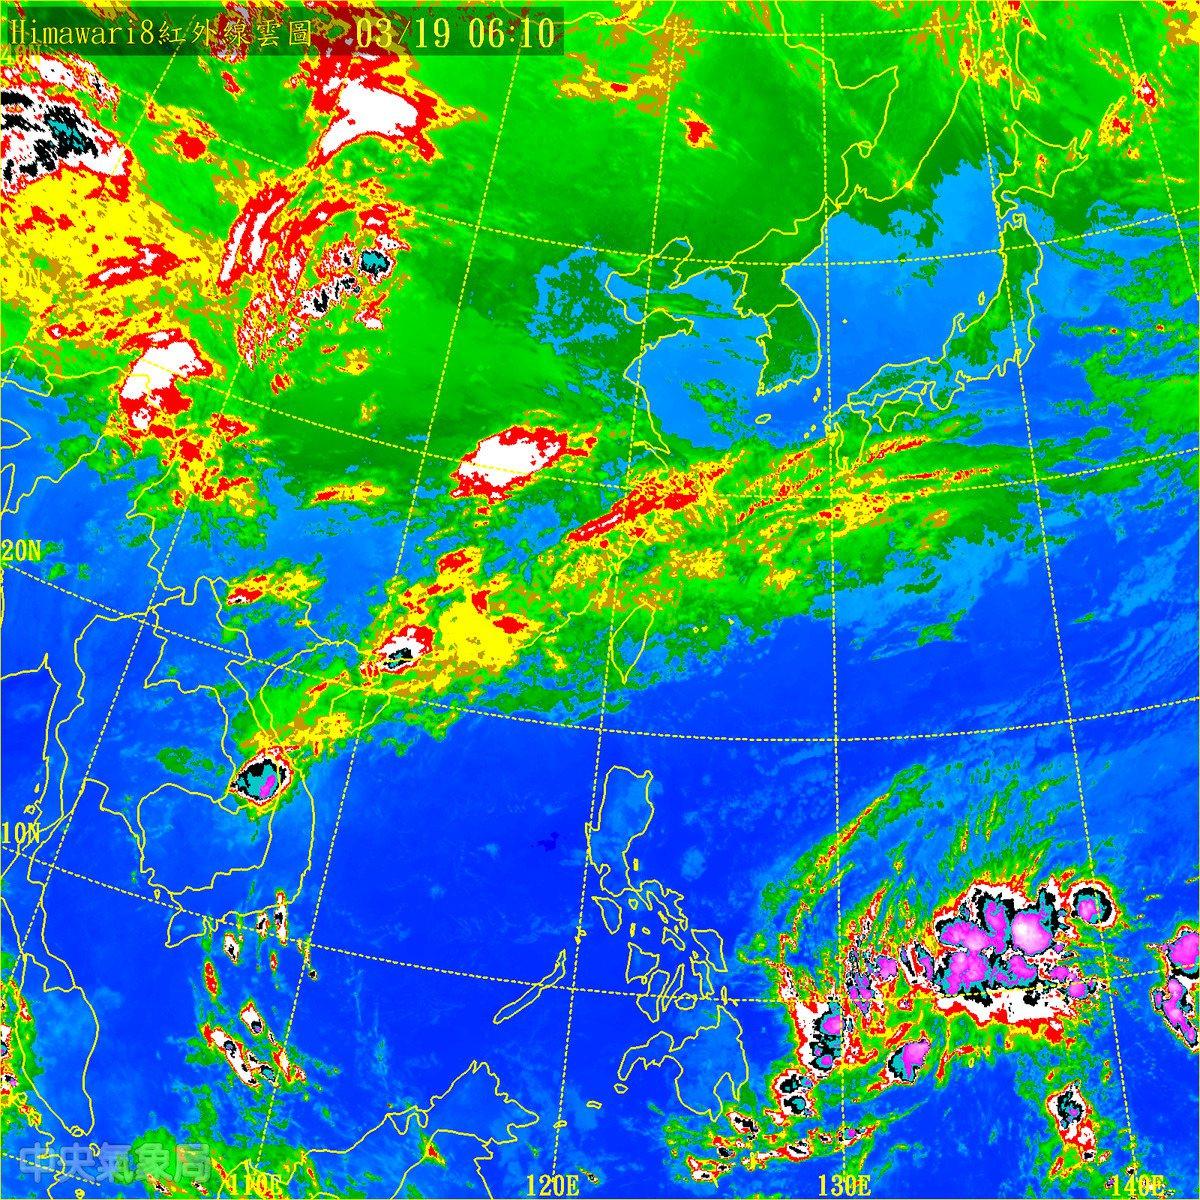 華南雲系正在東移,結構不算厚實。儘管層狀雲降雨,雨勢並不會很大,但仍會帶來大範圍的降雨;降雨現象由北而南逐漸遞減。圖/翻攝自氣象局網站